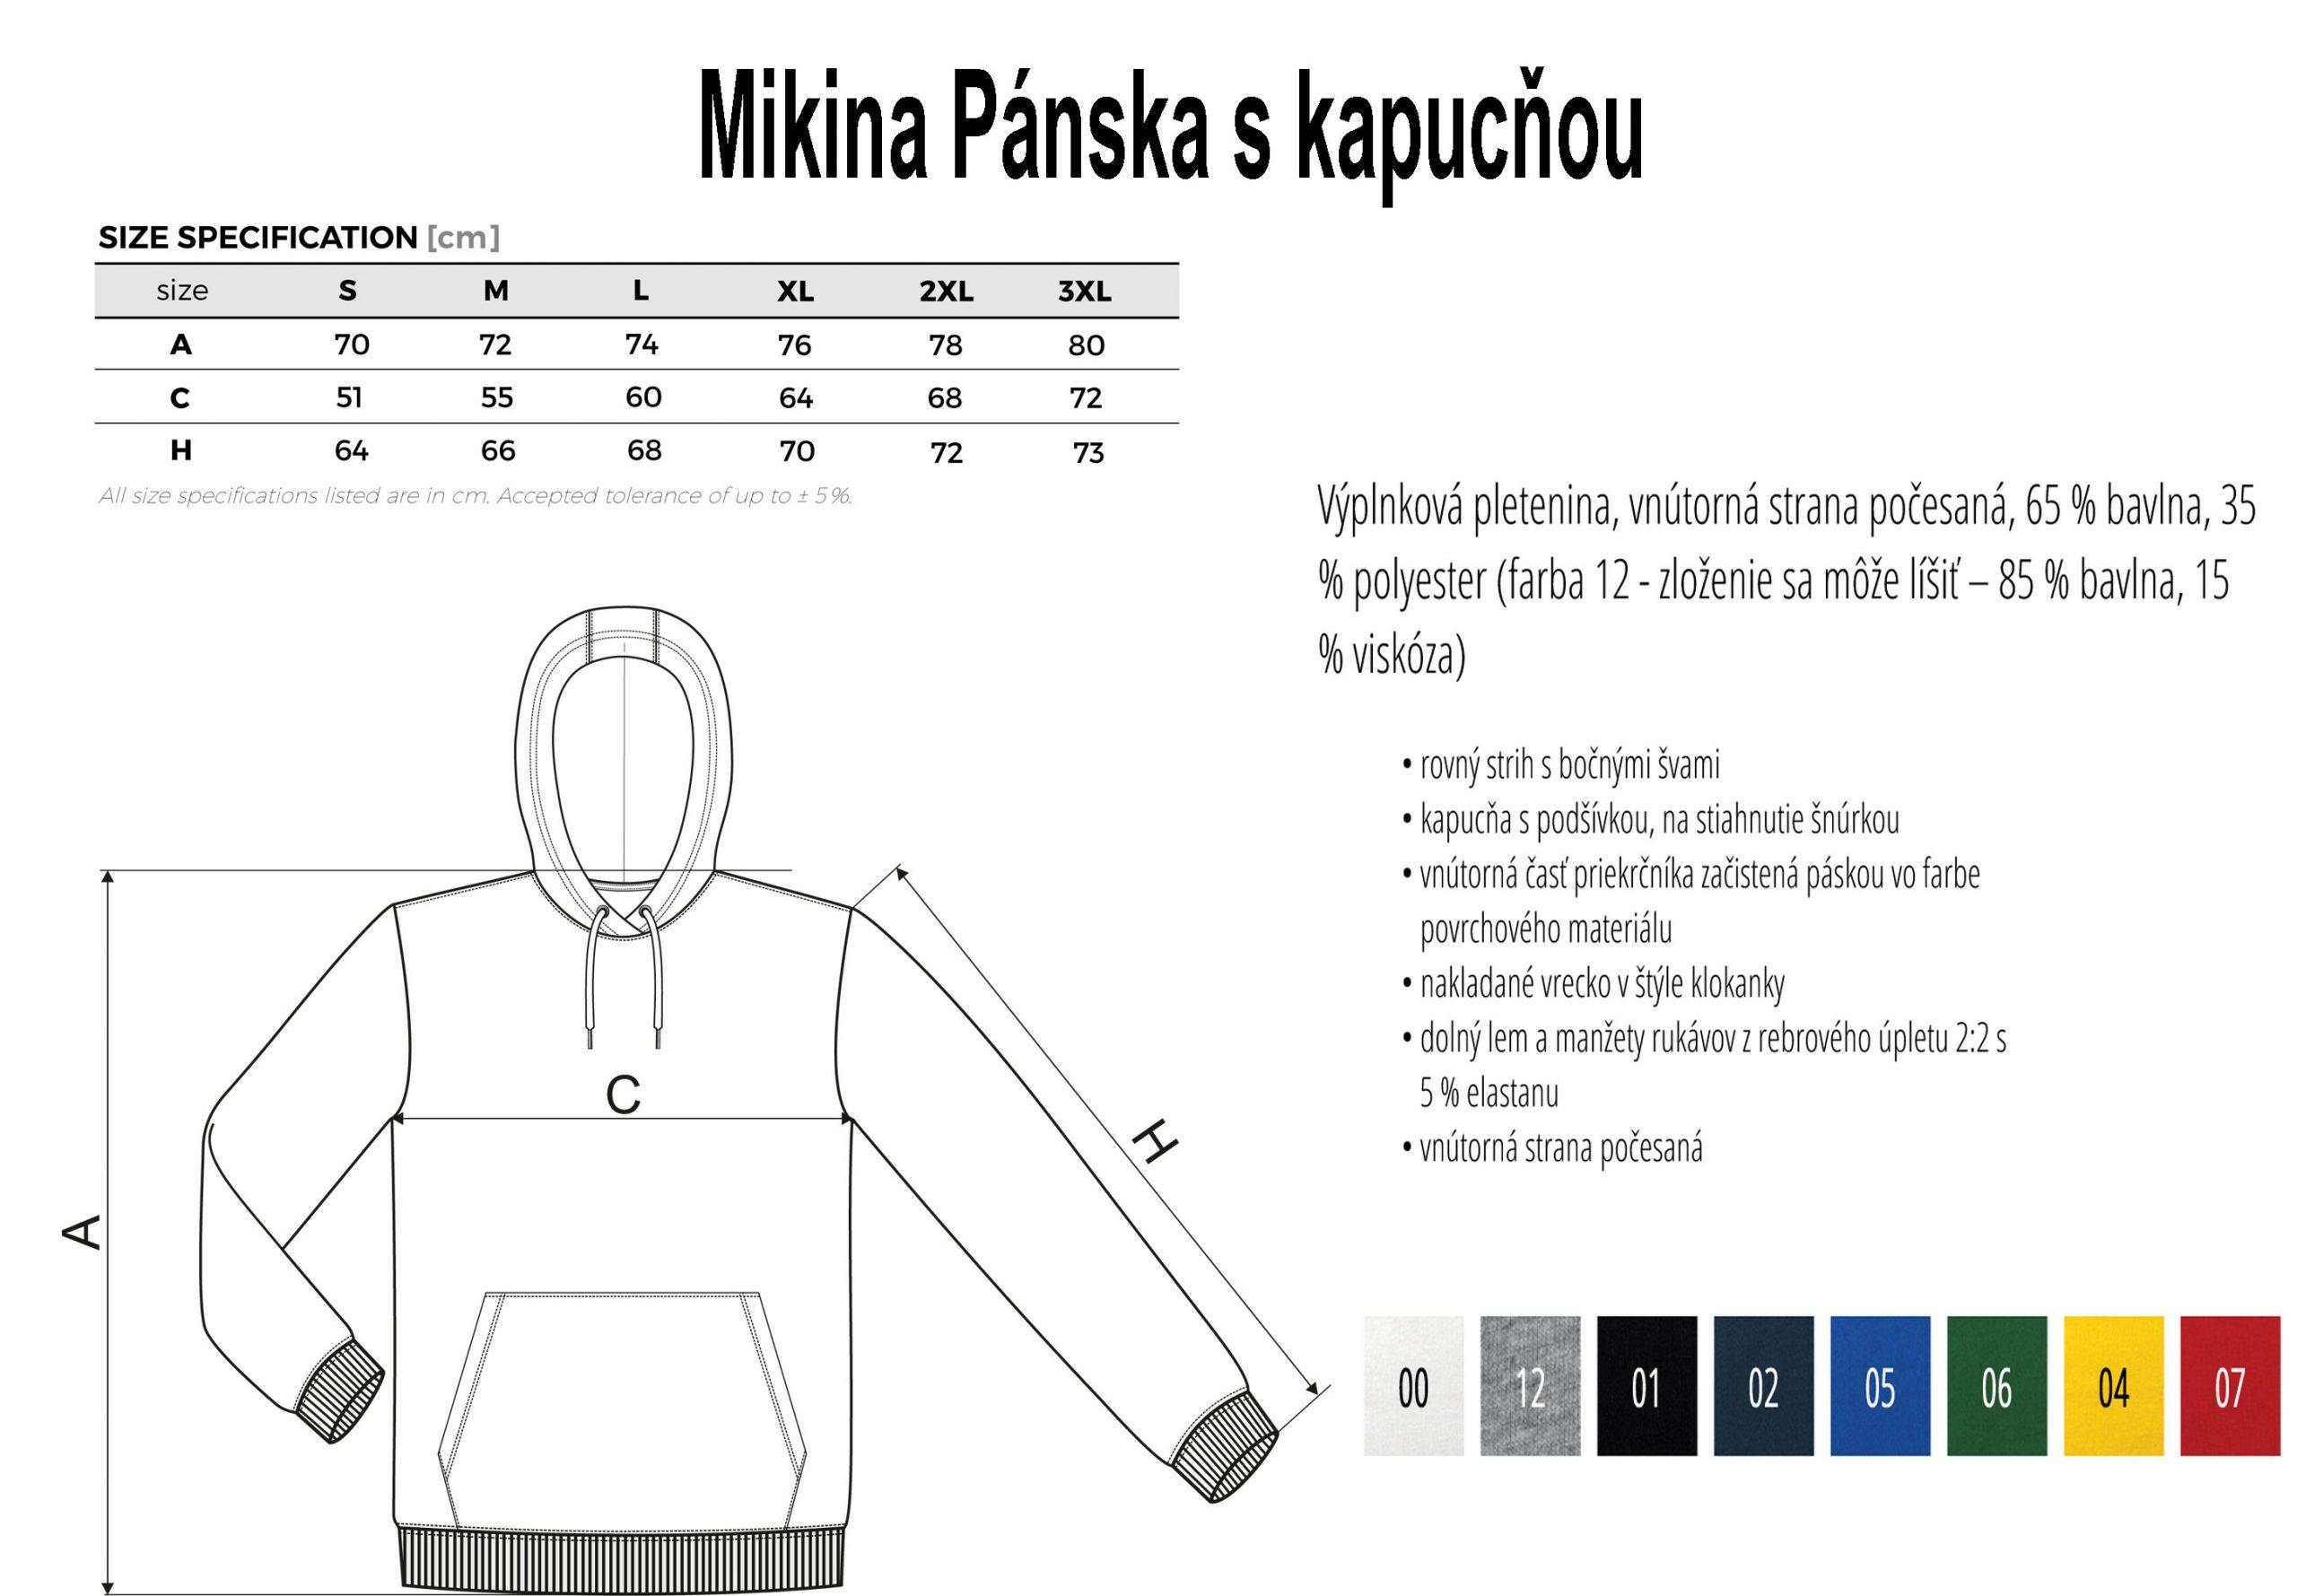 Mikina-Pánska-s-kapucnňou-velkostná-tabulka